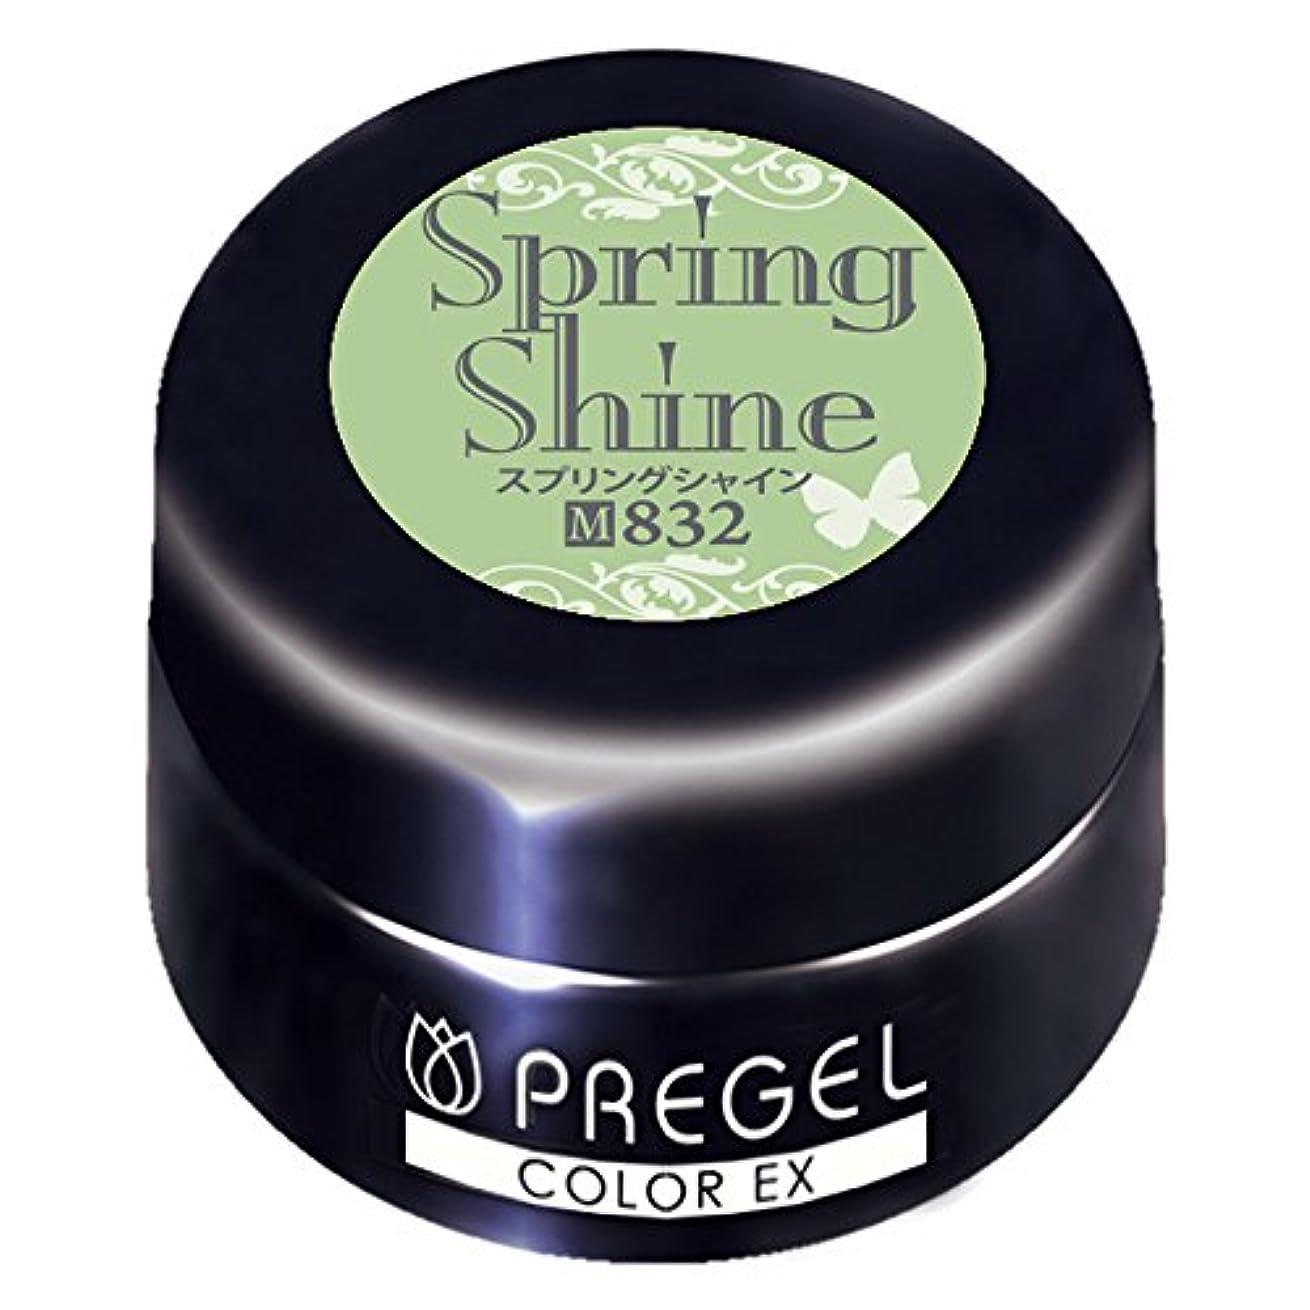 静けさ生き残りさておきPRE GEL カラーEX スプリングシャイン832 3g UV/LED対応